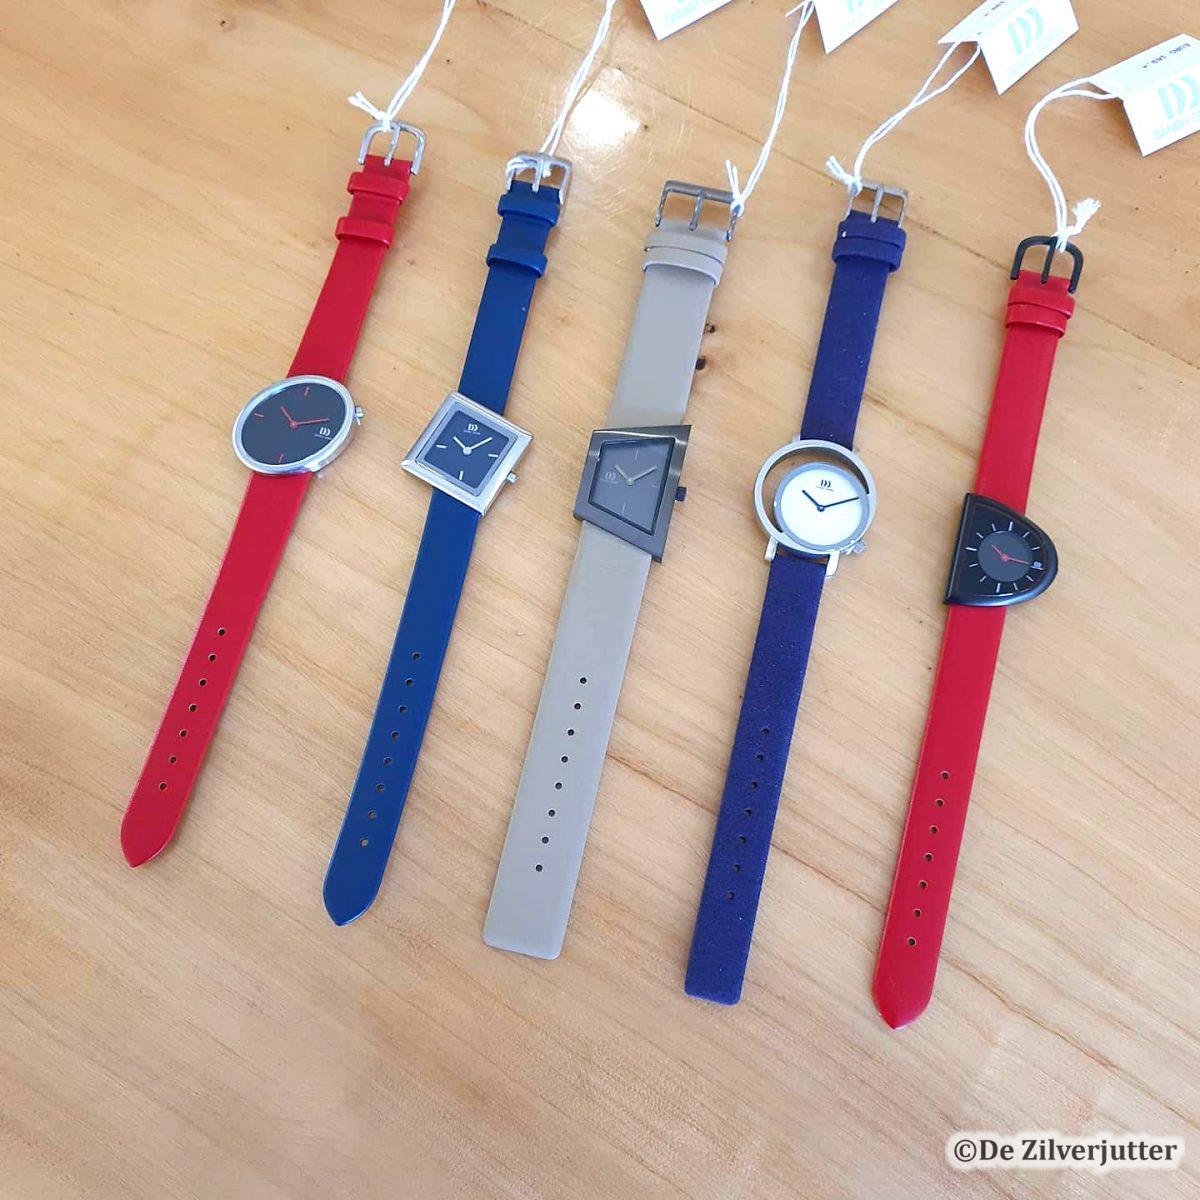 Horloges Danish Design 2021